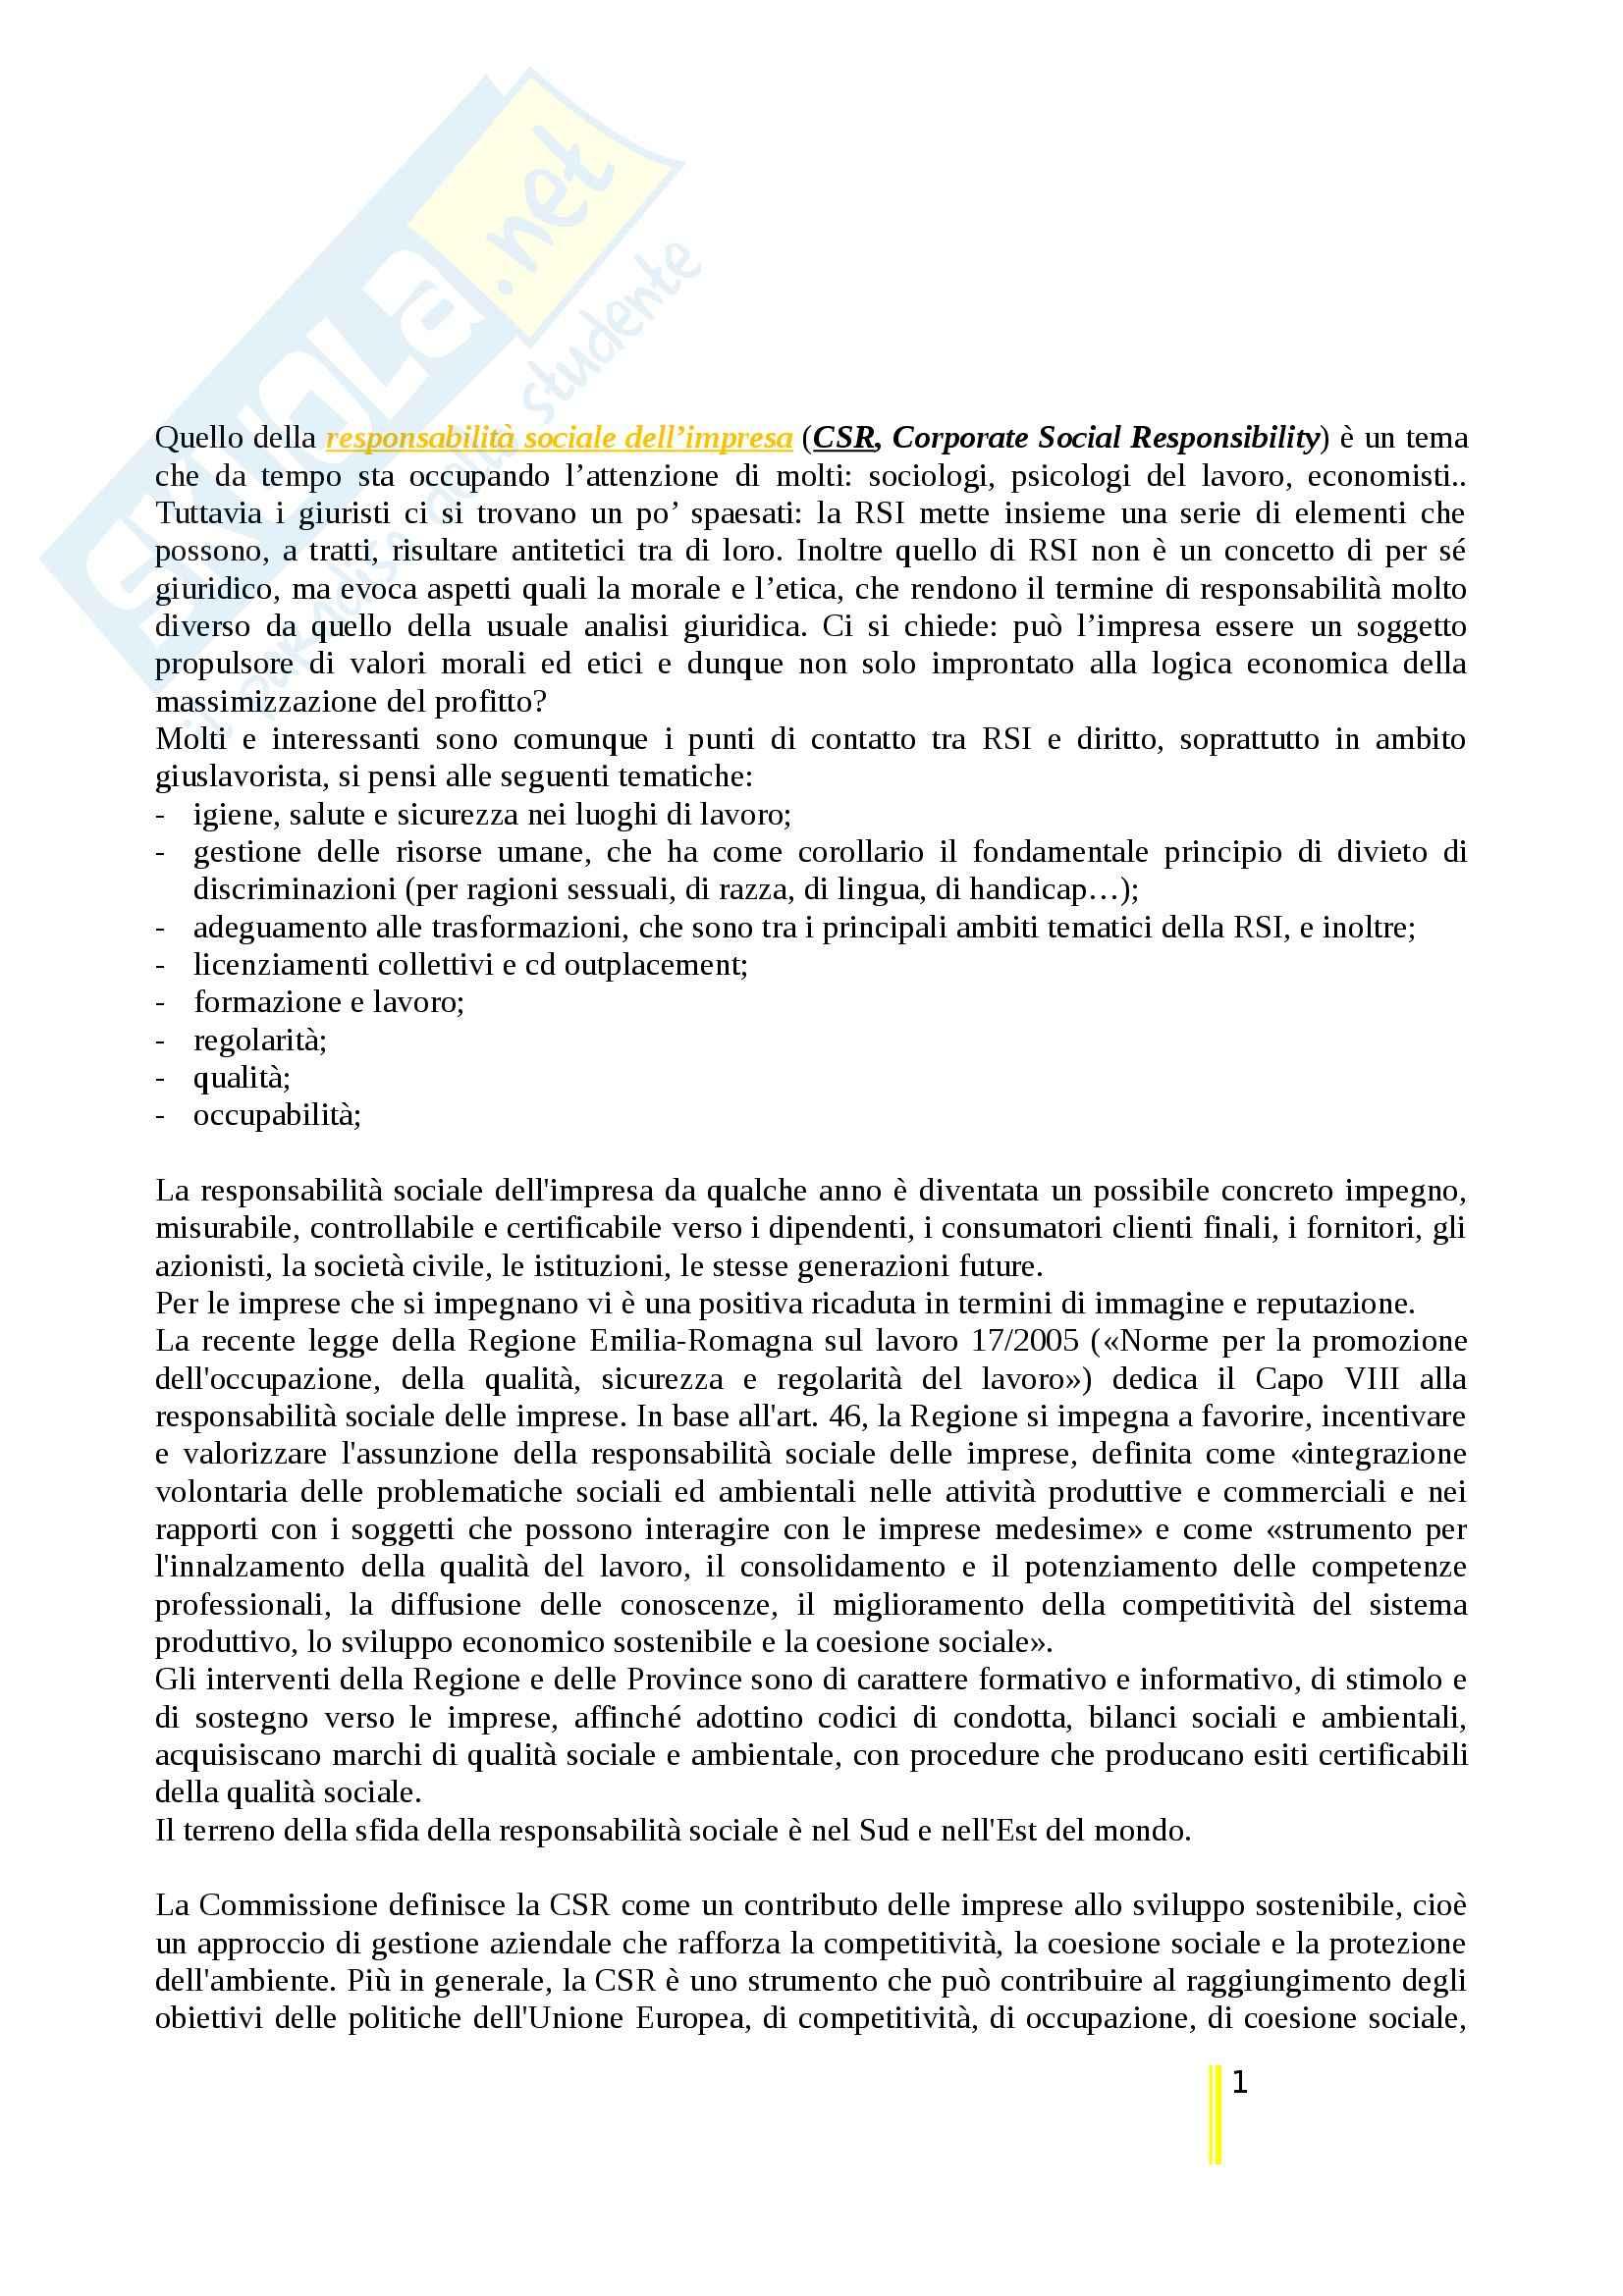 Riassunto esame Diritto Del Lavoro, prof. Tullini, libro consigliato Lavoro e Responsabilità Sociale dell'Impresa, Montuschi, Tullini